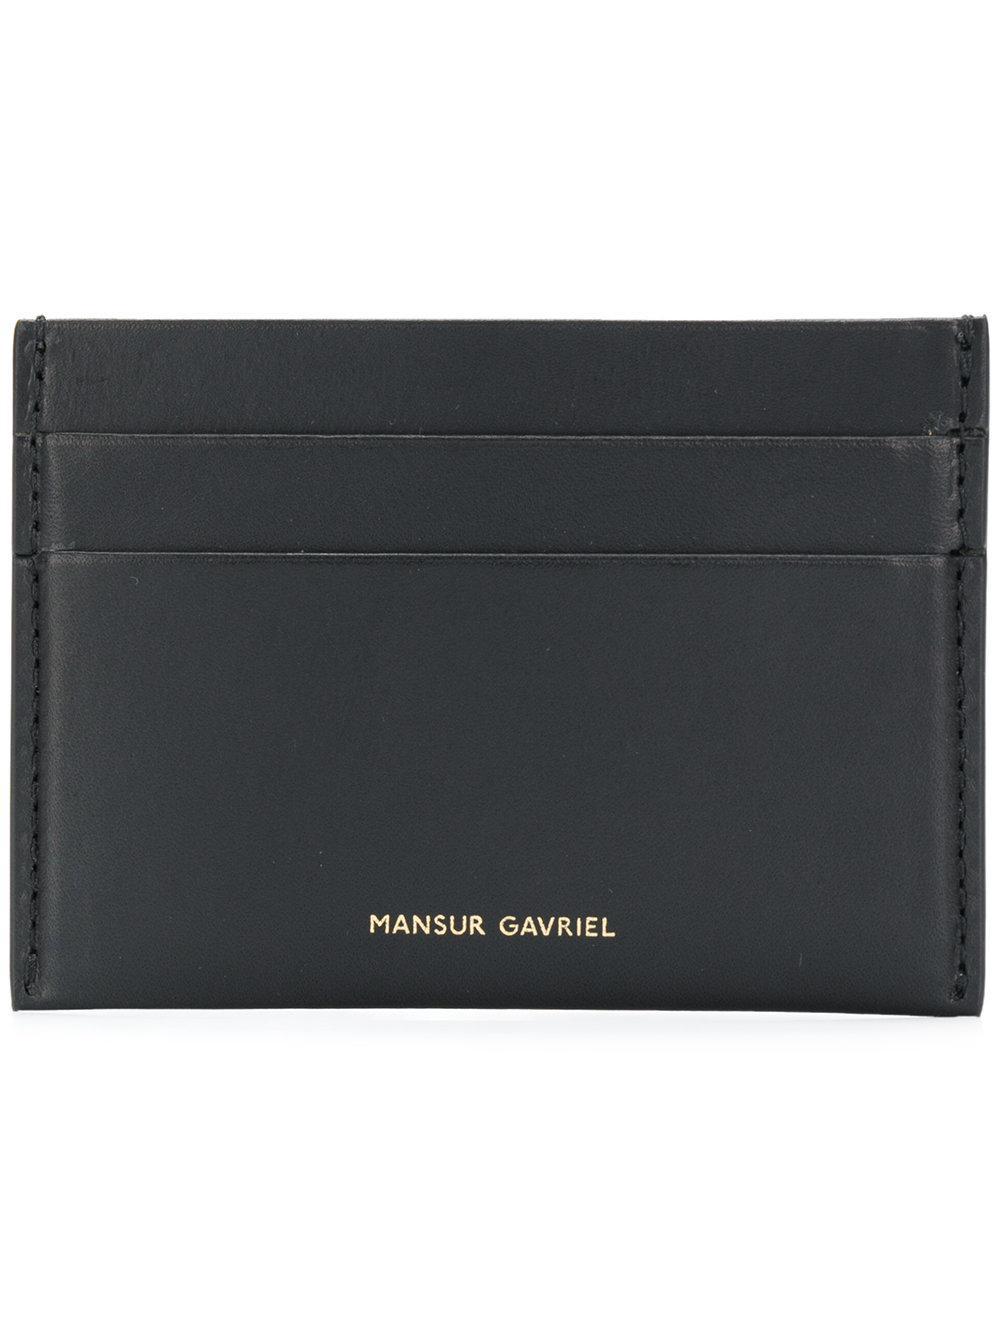 classic card holder - Brown Mansur Gavriel v3bAe